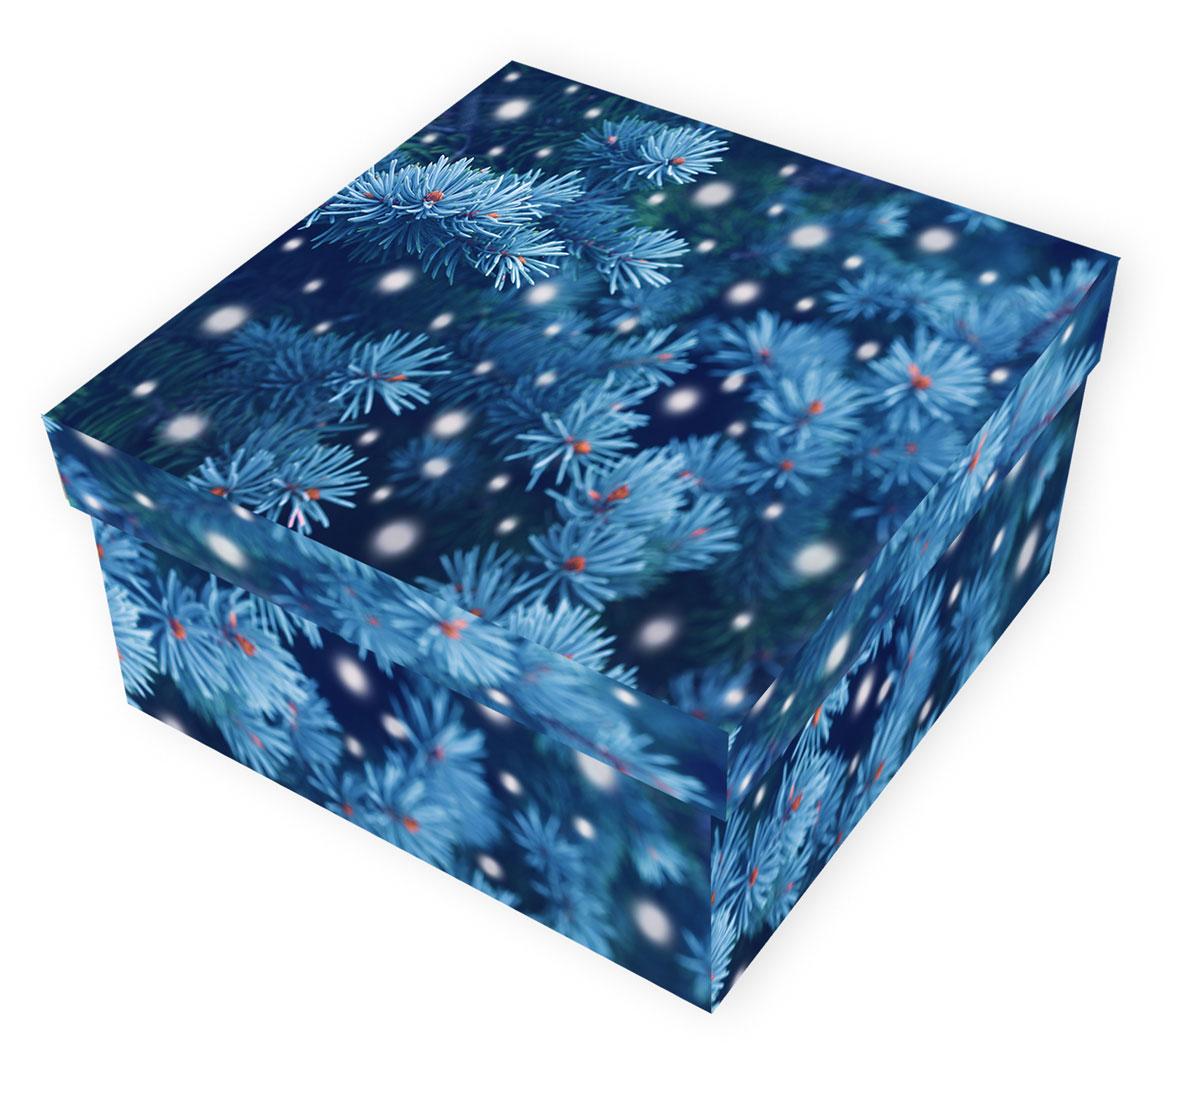 Коробка подарочная Proffi Home Снежная ель, 12 х 22 х 22 смPH7828Большие картонные коробки идеально подходят для упаковки объемных подарков. Коробка изготовлена из плотного цветного картона.